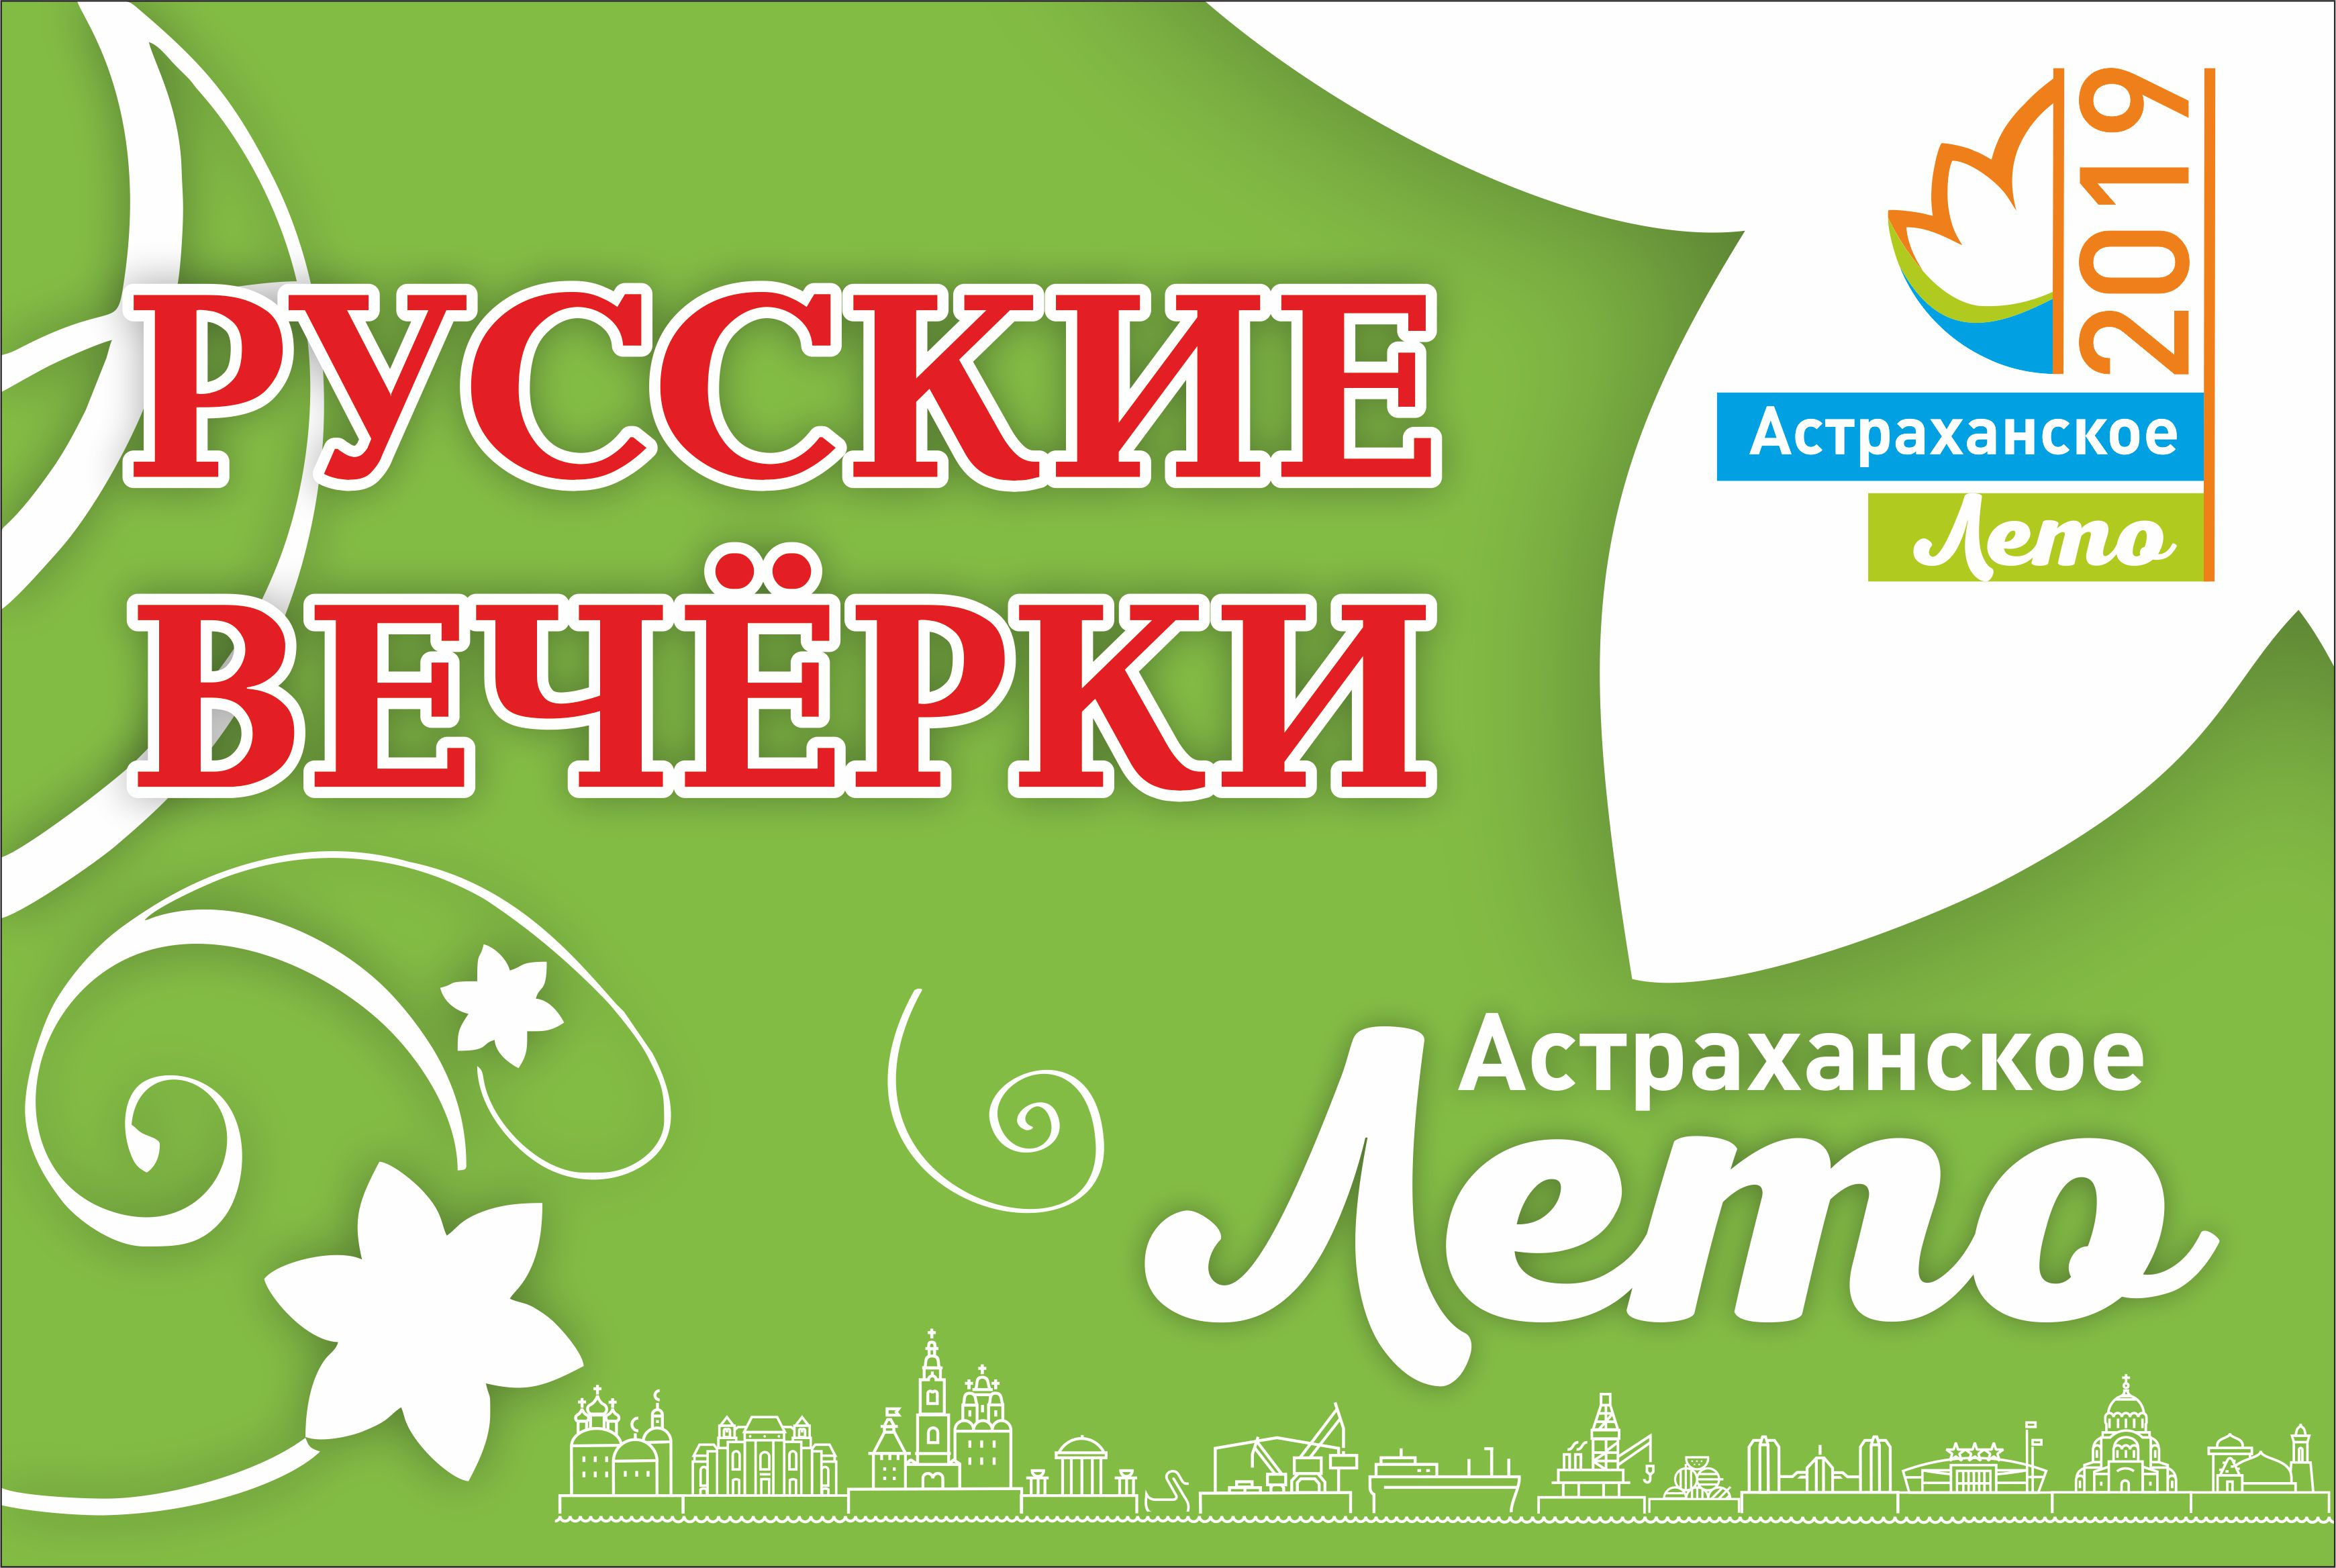 Русские вечерки состоятся в воскресенье